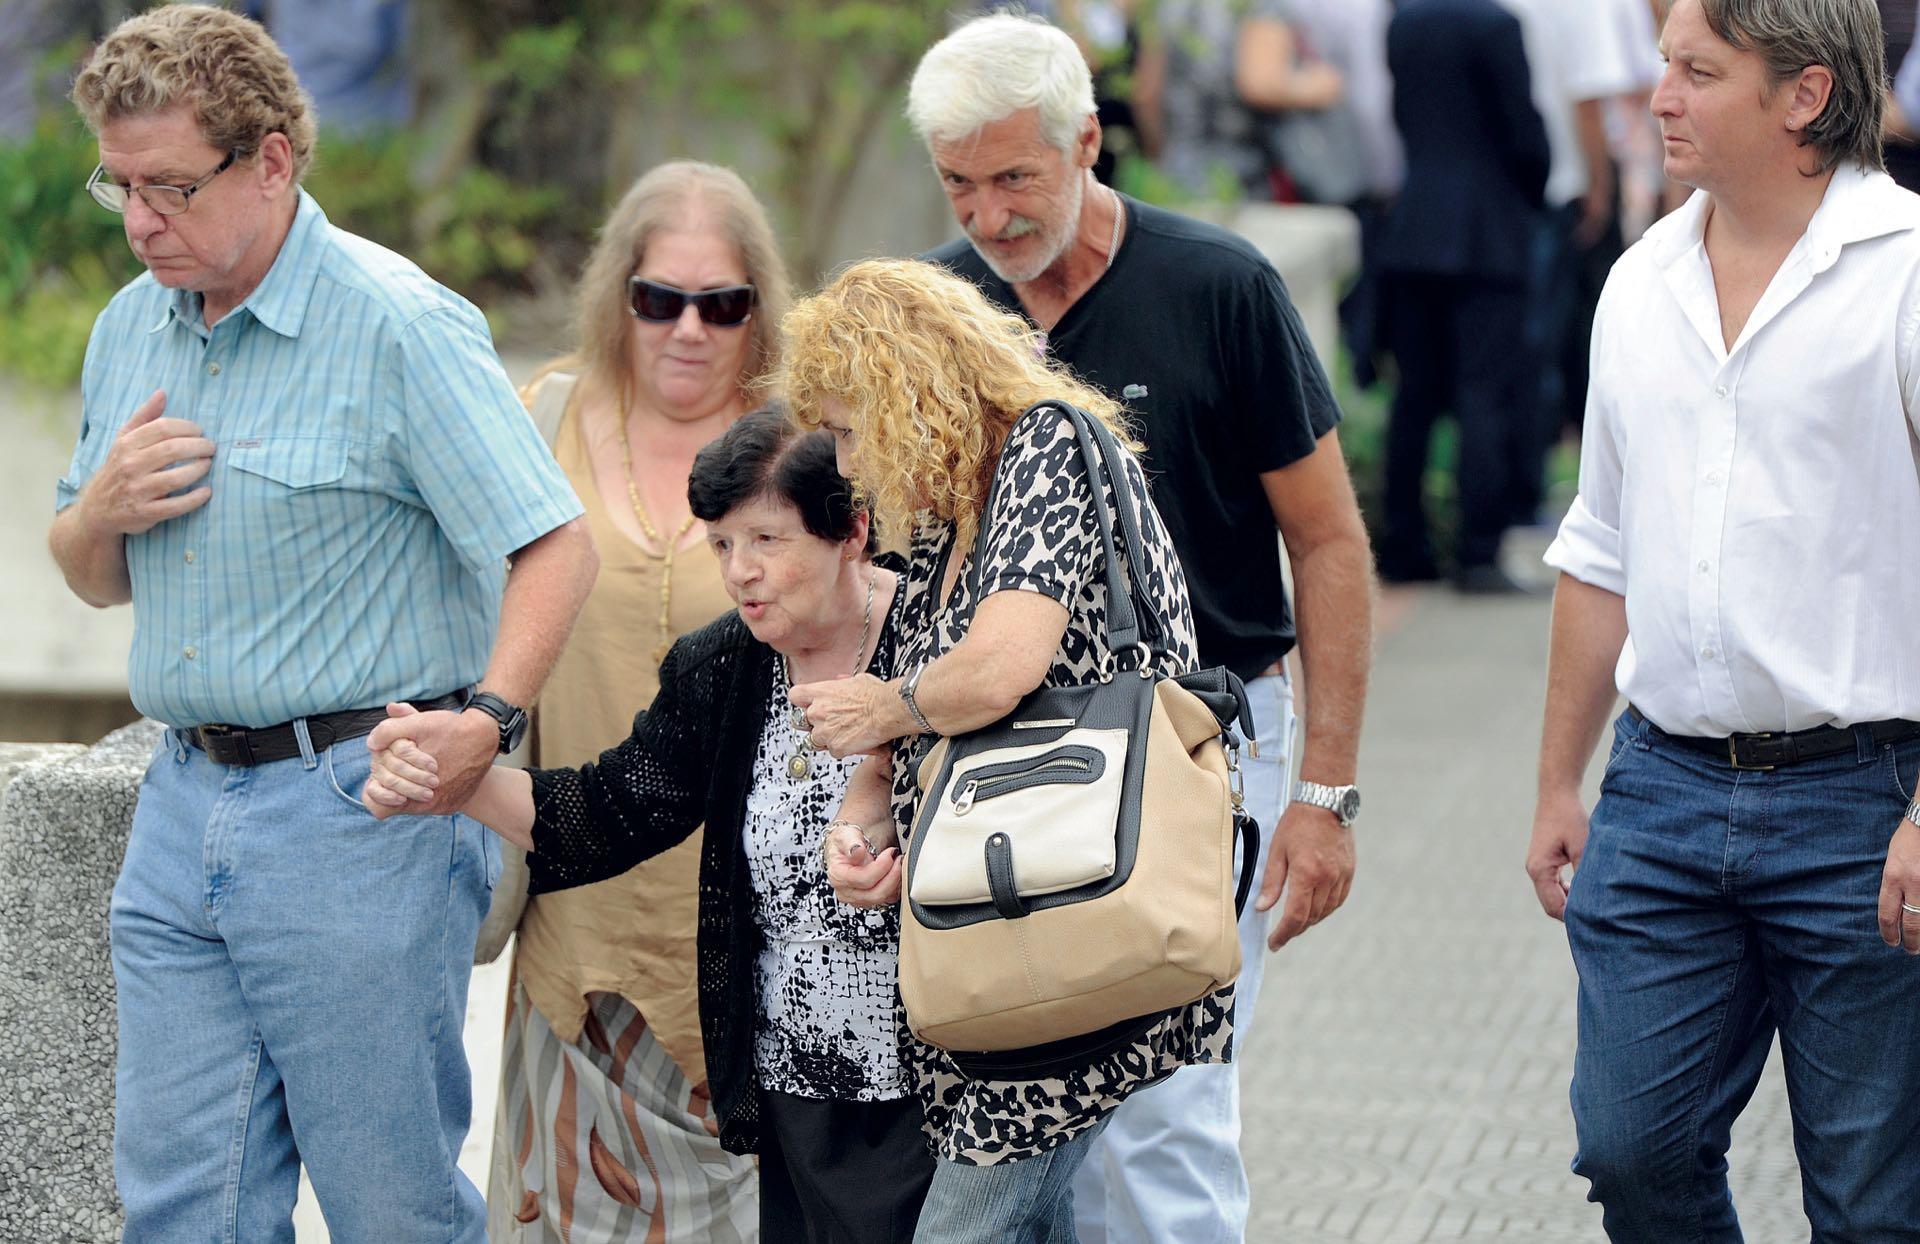 Yoli, la madre de Quique, también desconsolada (Fotos: Enrique García Medina y Maxi Vernazza/GENTE)